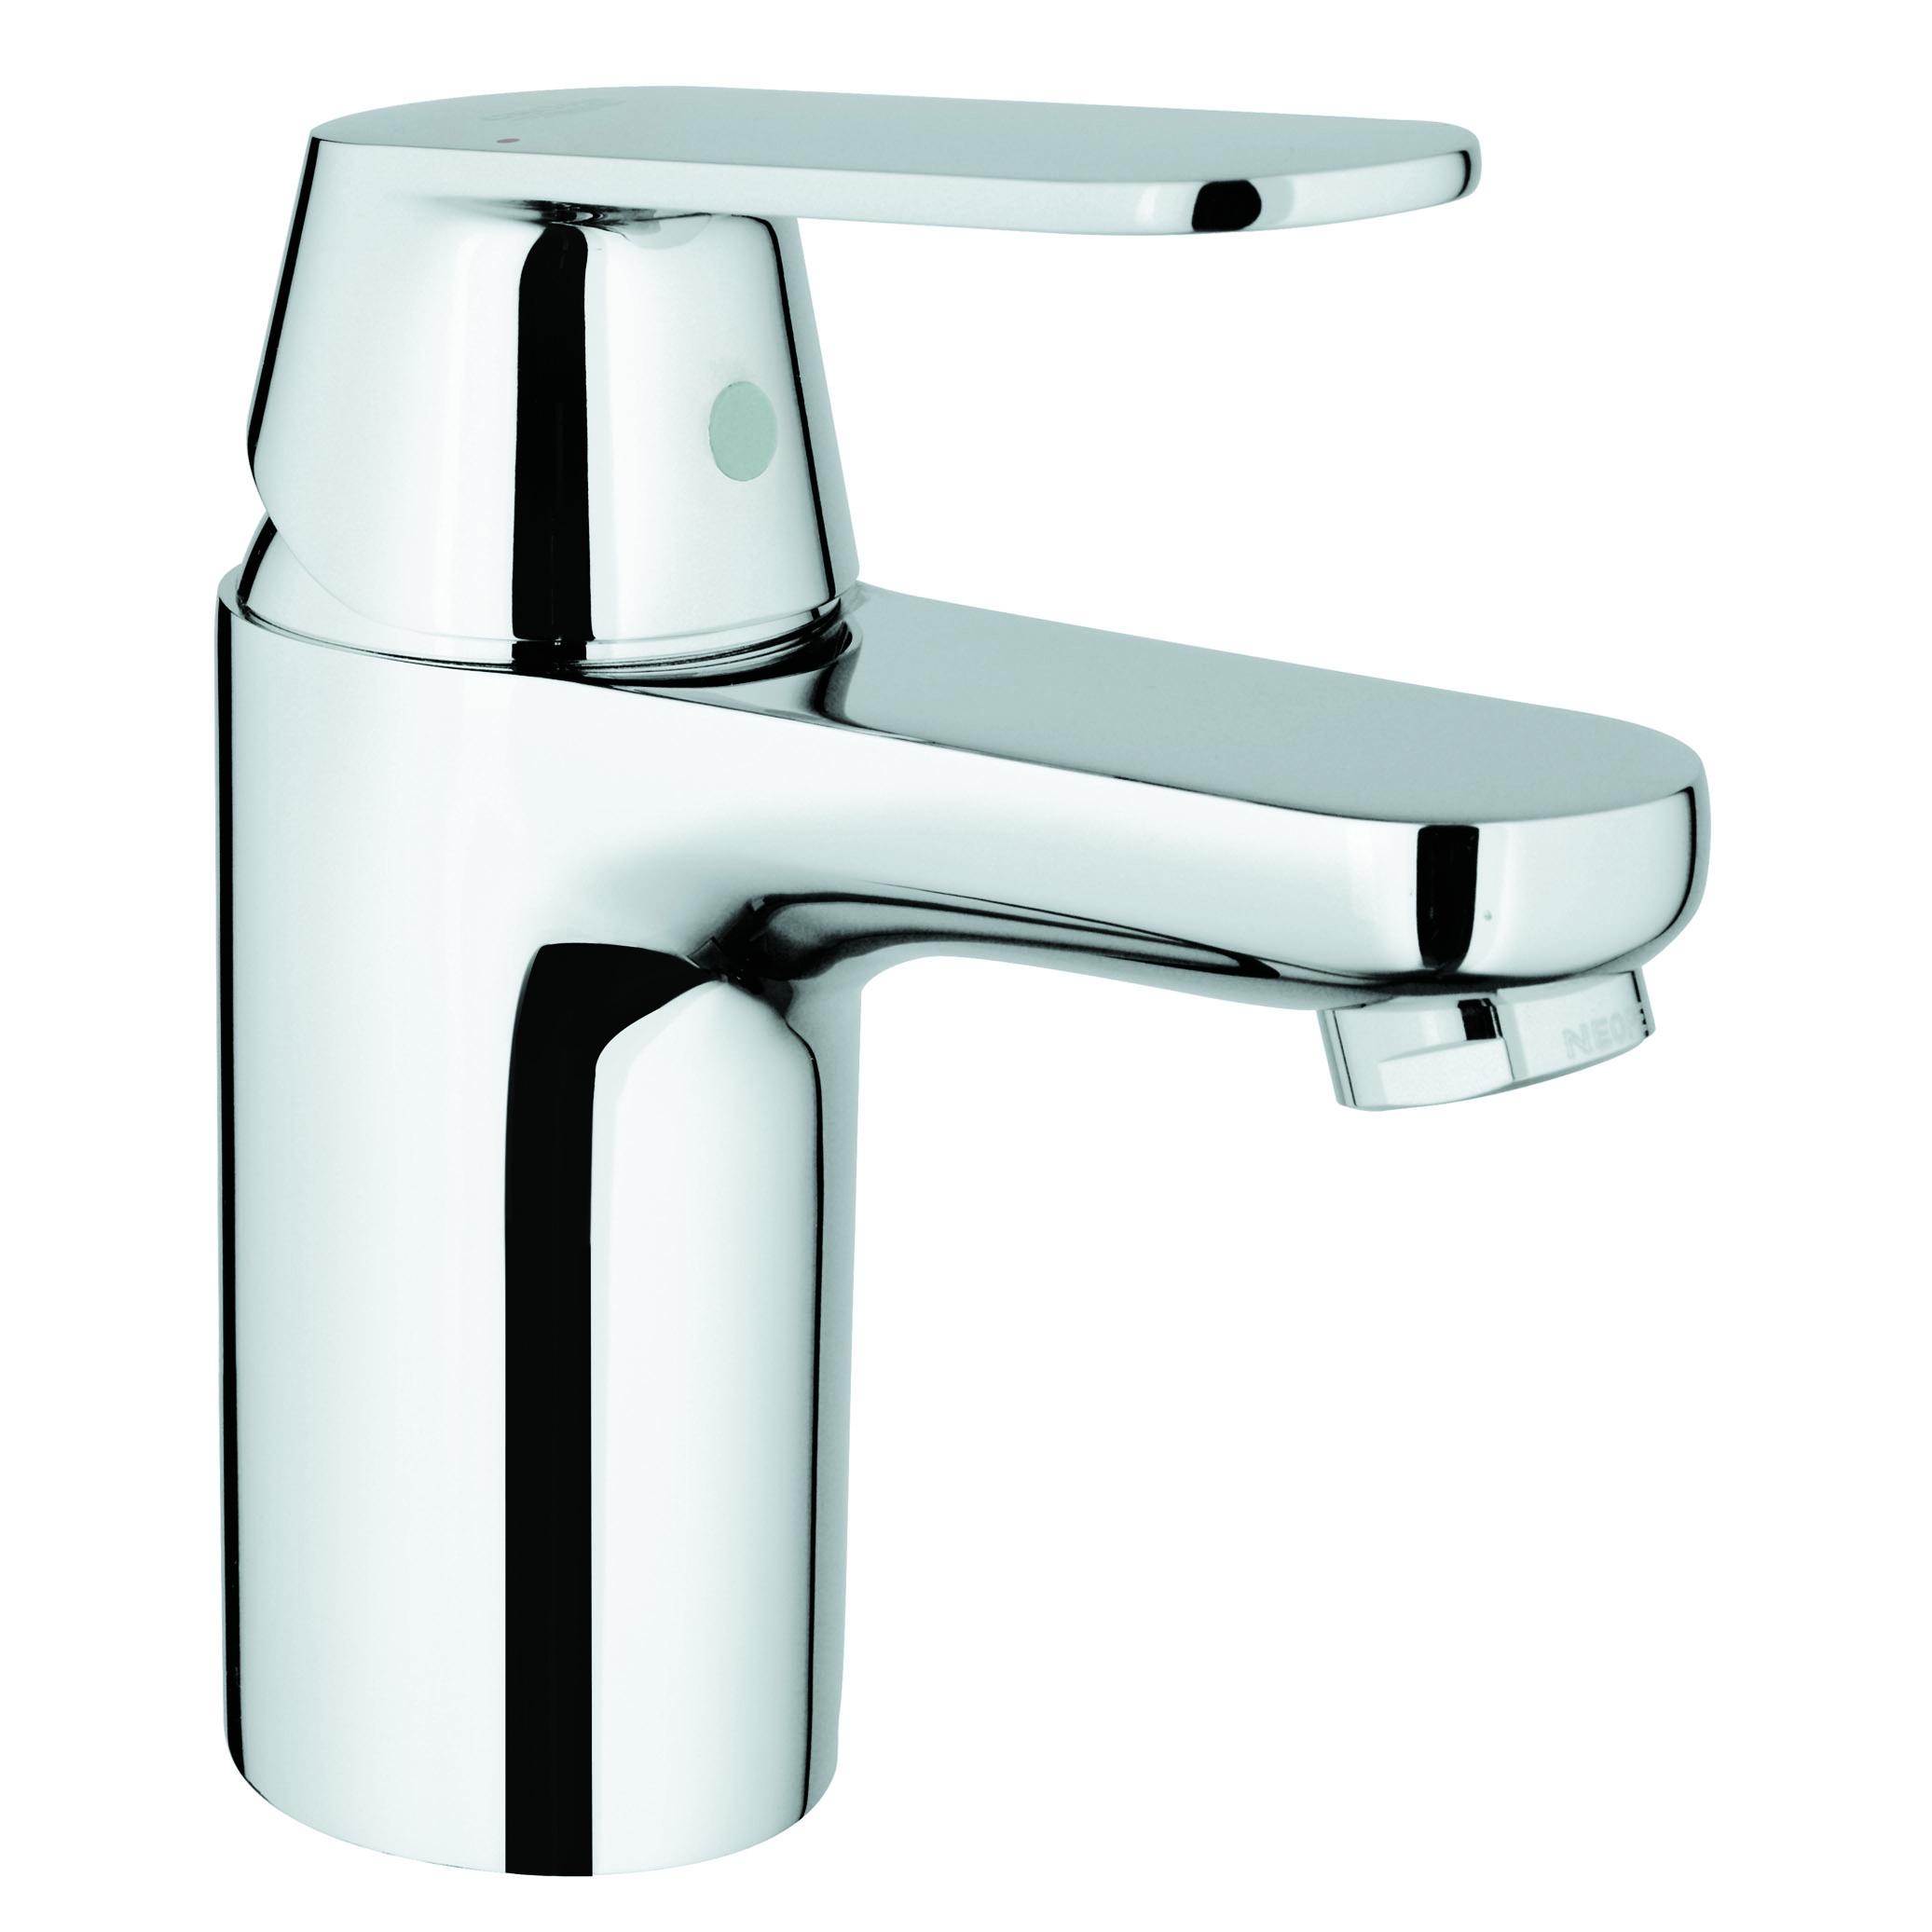 Tvättställsblandare Grohe Eurosmart Cosmopolitan 23925 med Pop-Up Ventil